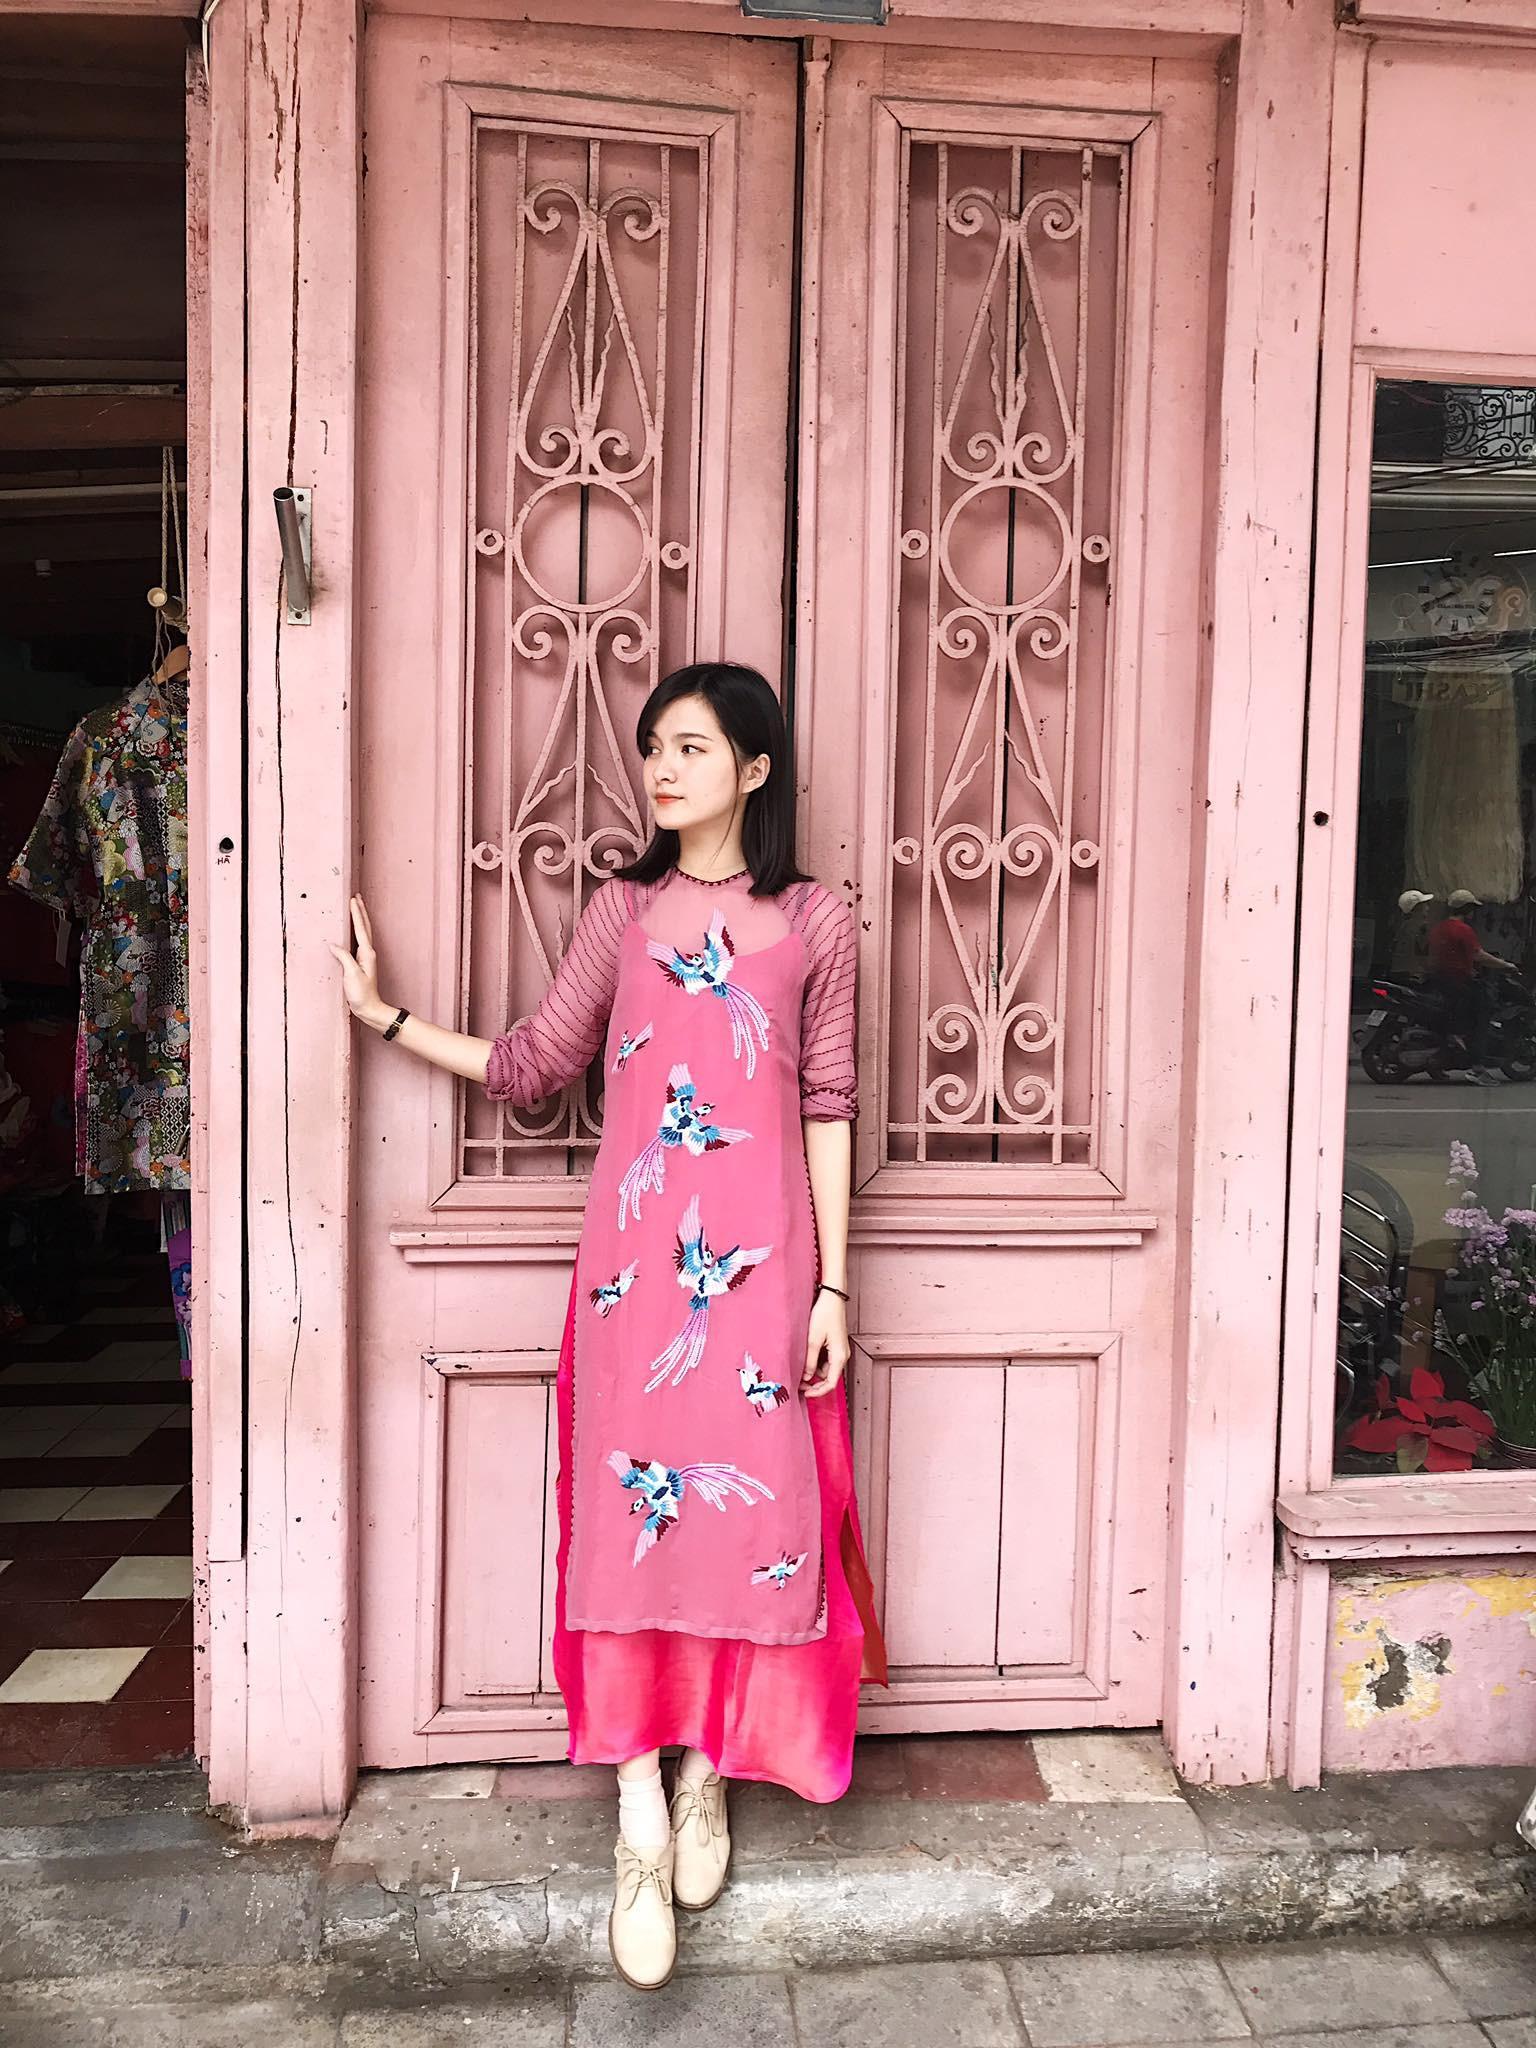 Năm 2017, nhờ phim Việt mà áo dài lên ngôi, được giới trẻ diện nhiều không thua kém các hot trend thời thượng - Ảnh 18.